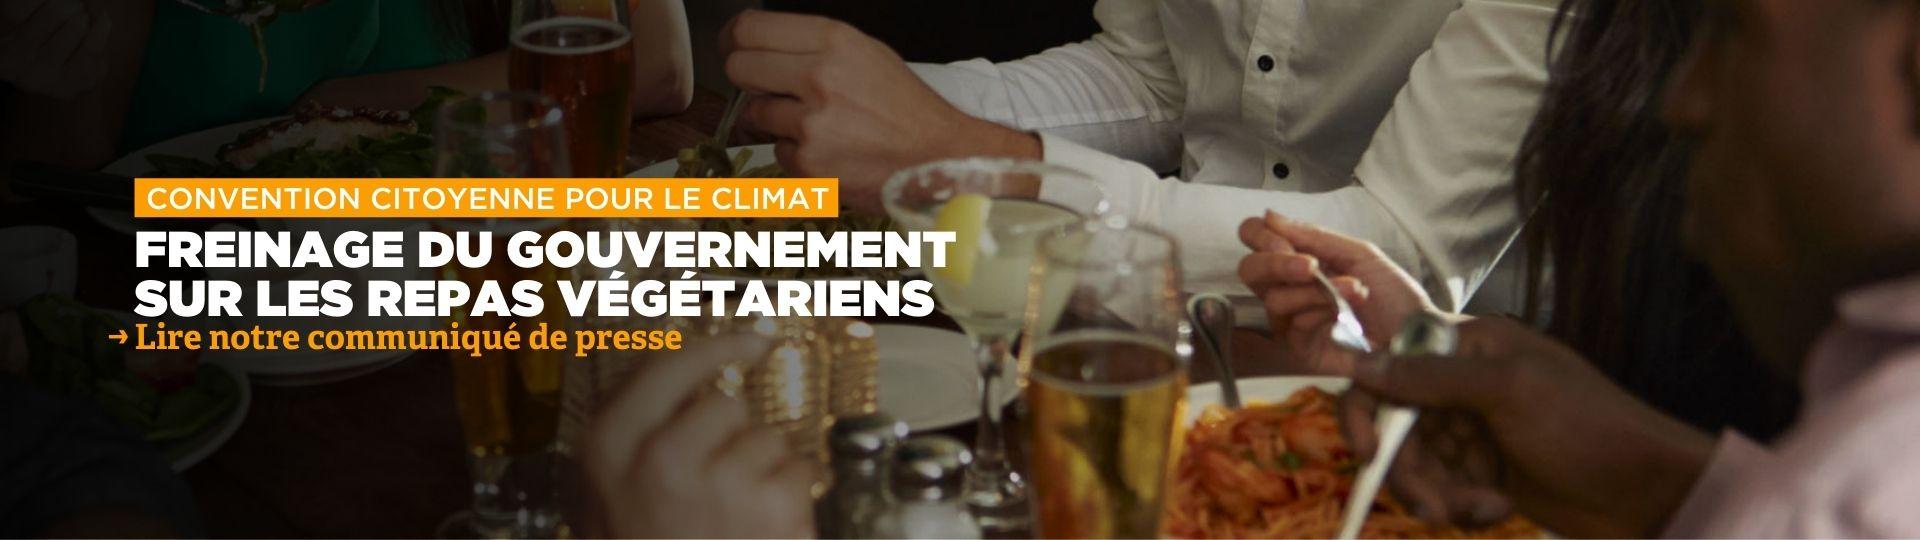 Projet de loi Convention citoyenne pour le climat : freinage sur les repas végétariens